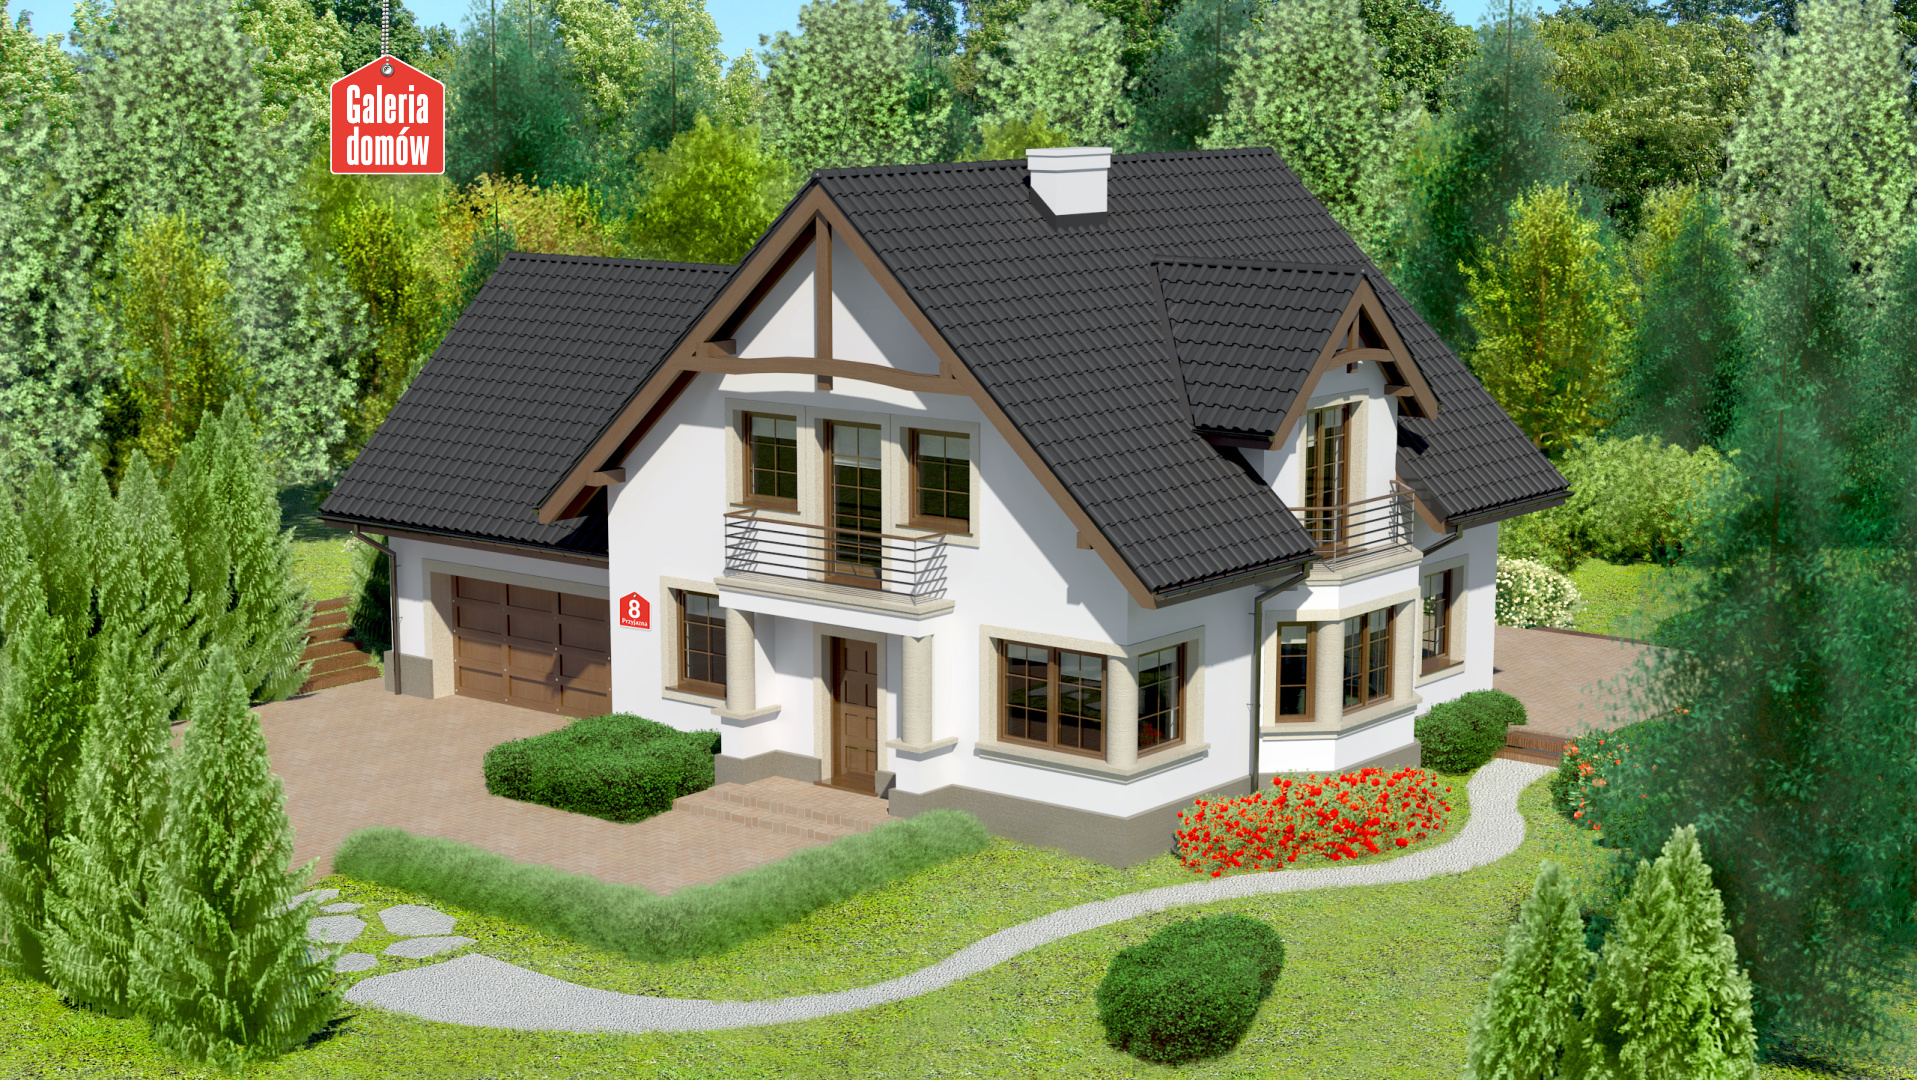 Dom przy Przyjaznej 8 - zdjęcie projektu i wizualizacja